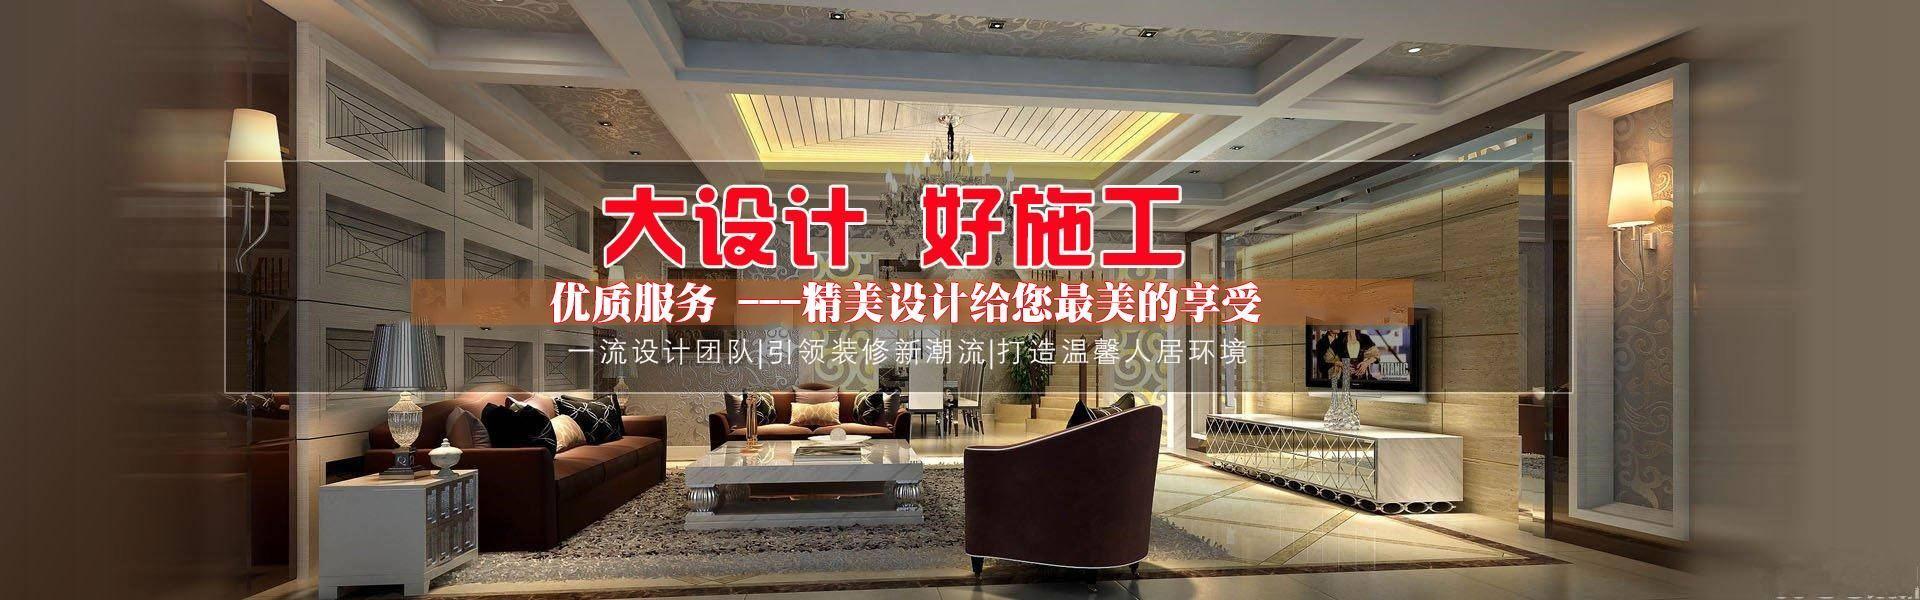 荏平县尚雅装饰工程有限公司,专营 工程装修设计 室内装修 等业务,有意向的客户请咨询我们,联系电话:15615157818